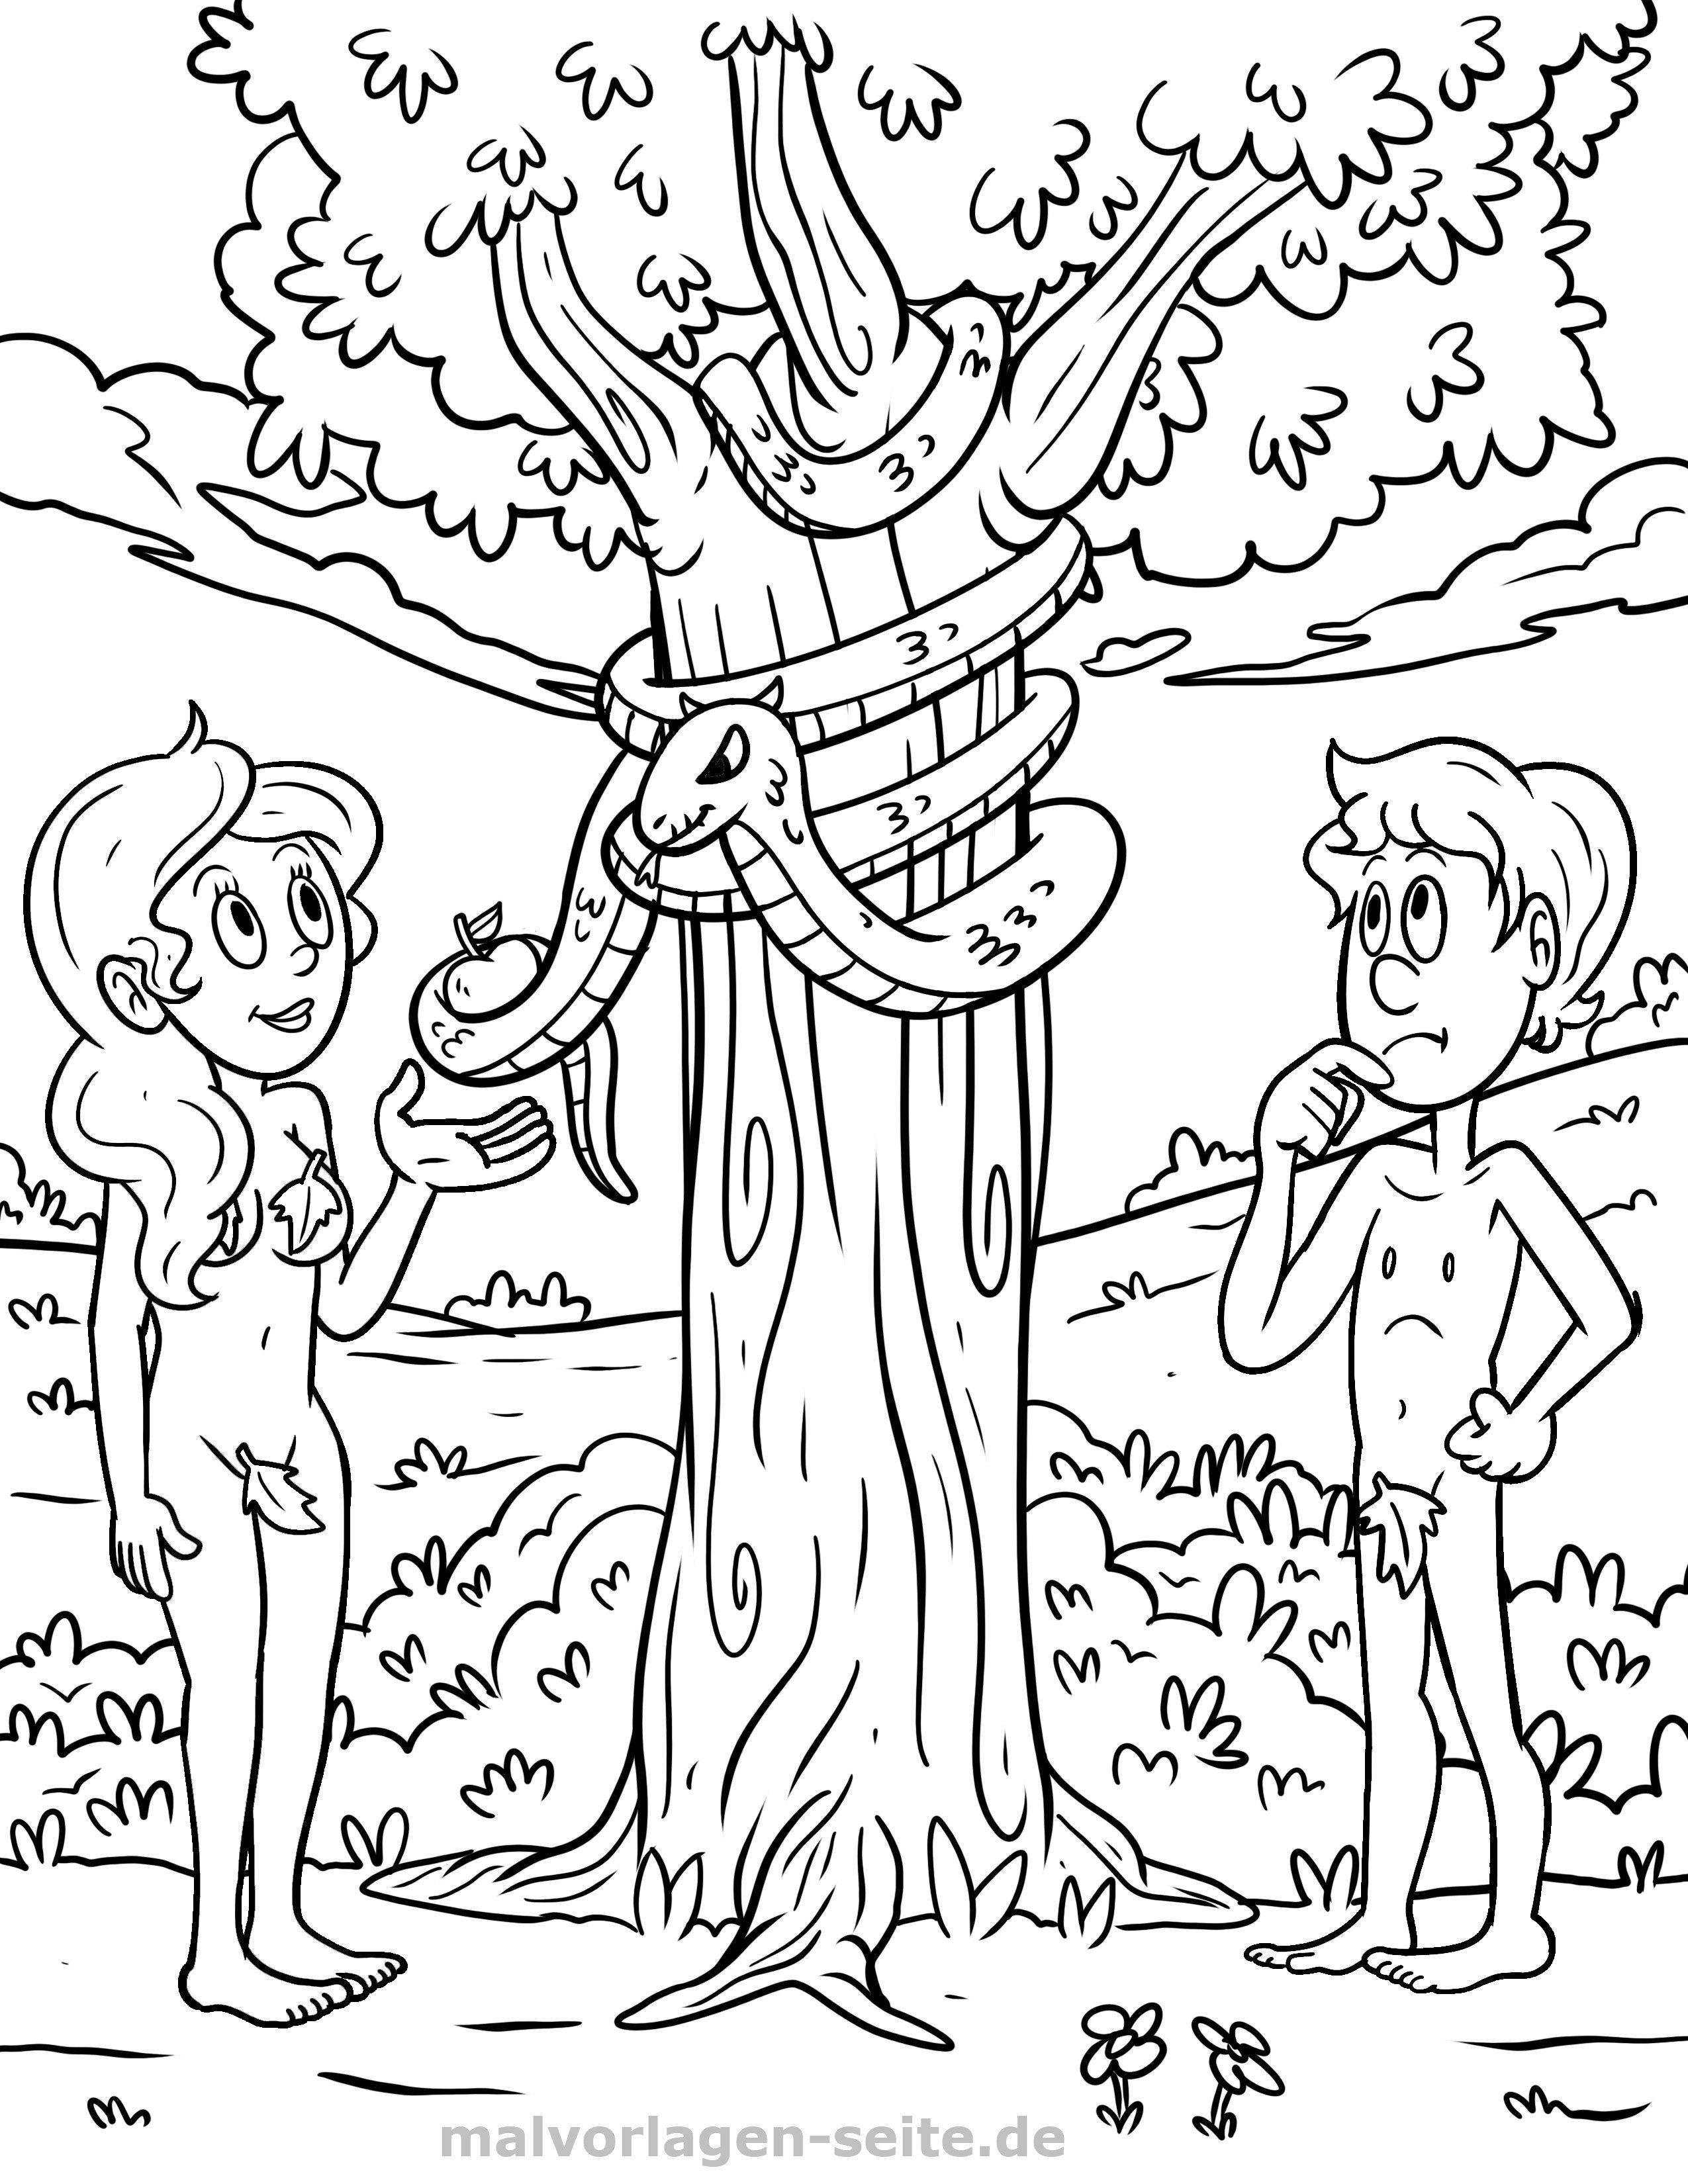 Malvorlage Religion - Adam und Eva | Gratis Malvorlagen zum Download